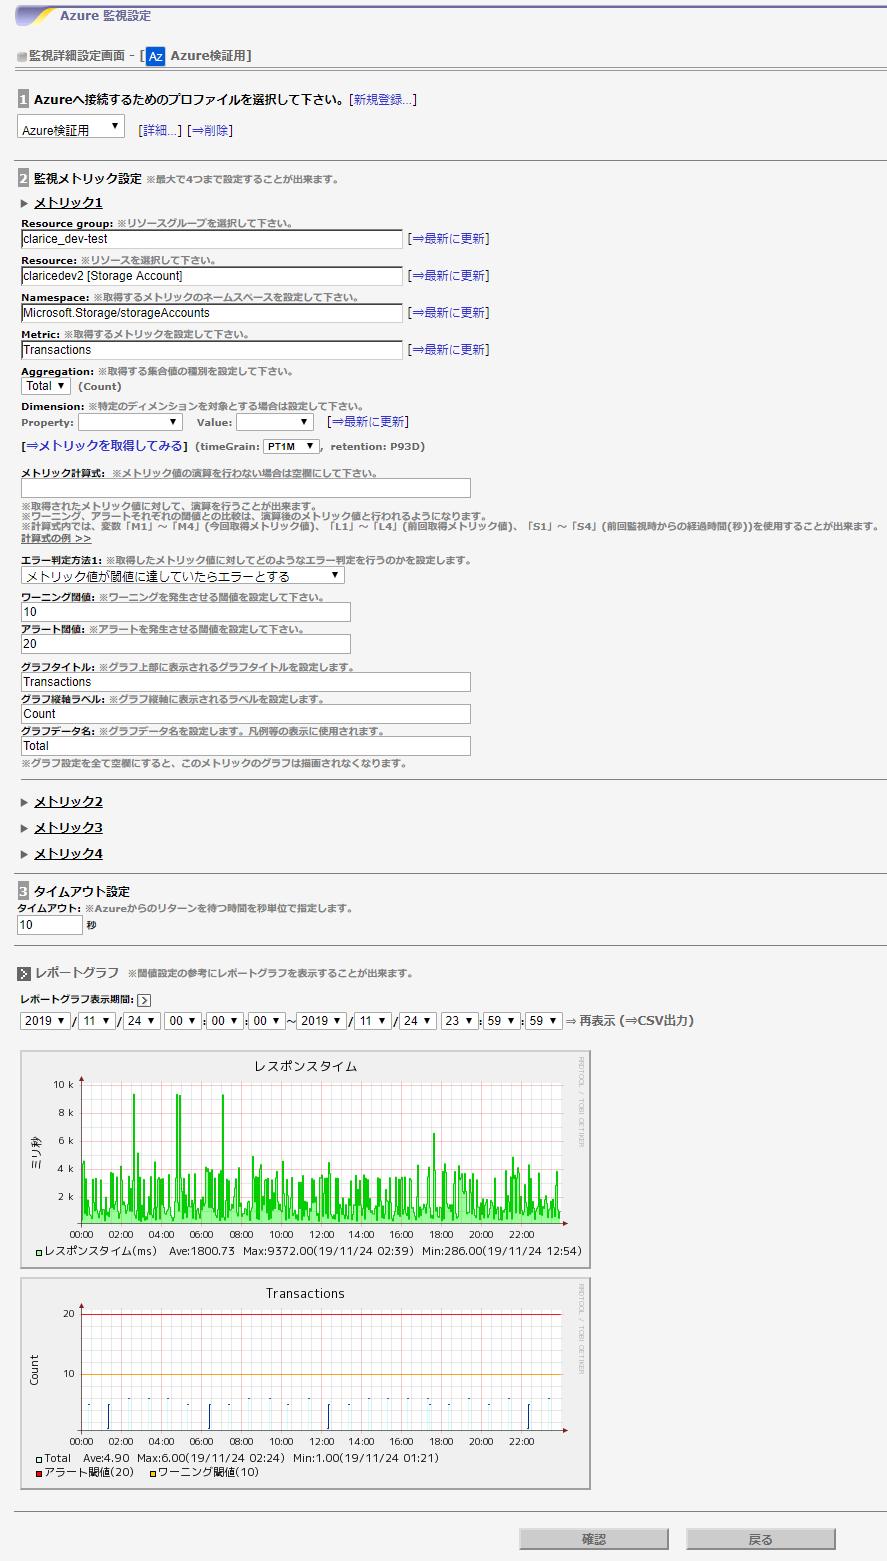 Azure Log Analyticsのログ監視設定を容易に。